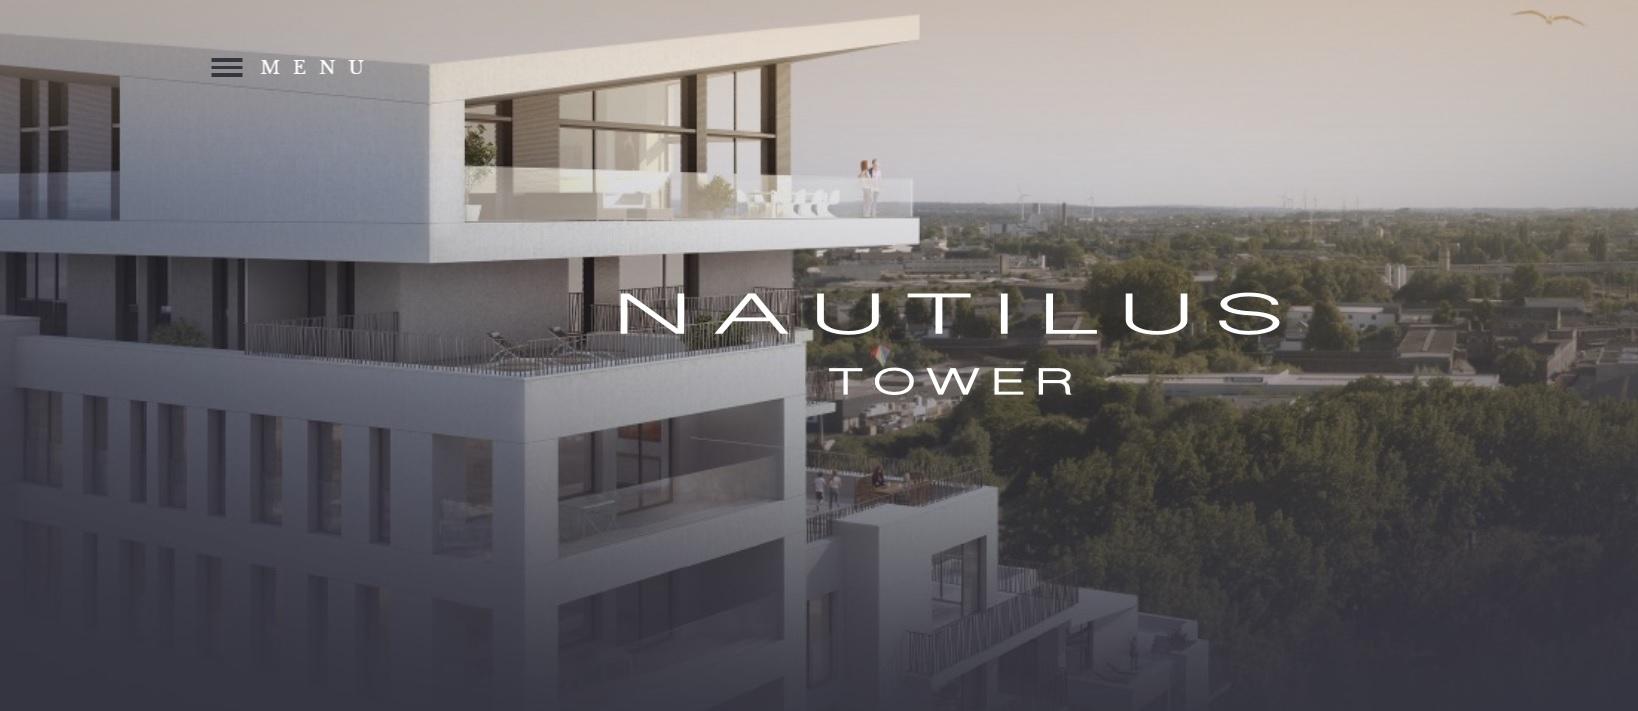 construsoftbimawards - NAUTILUS